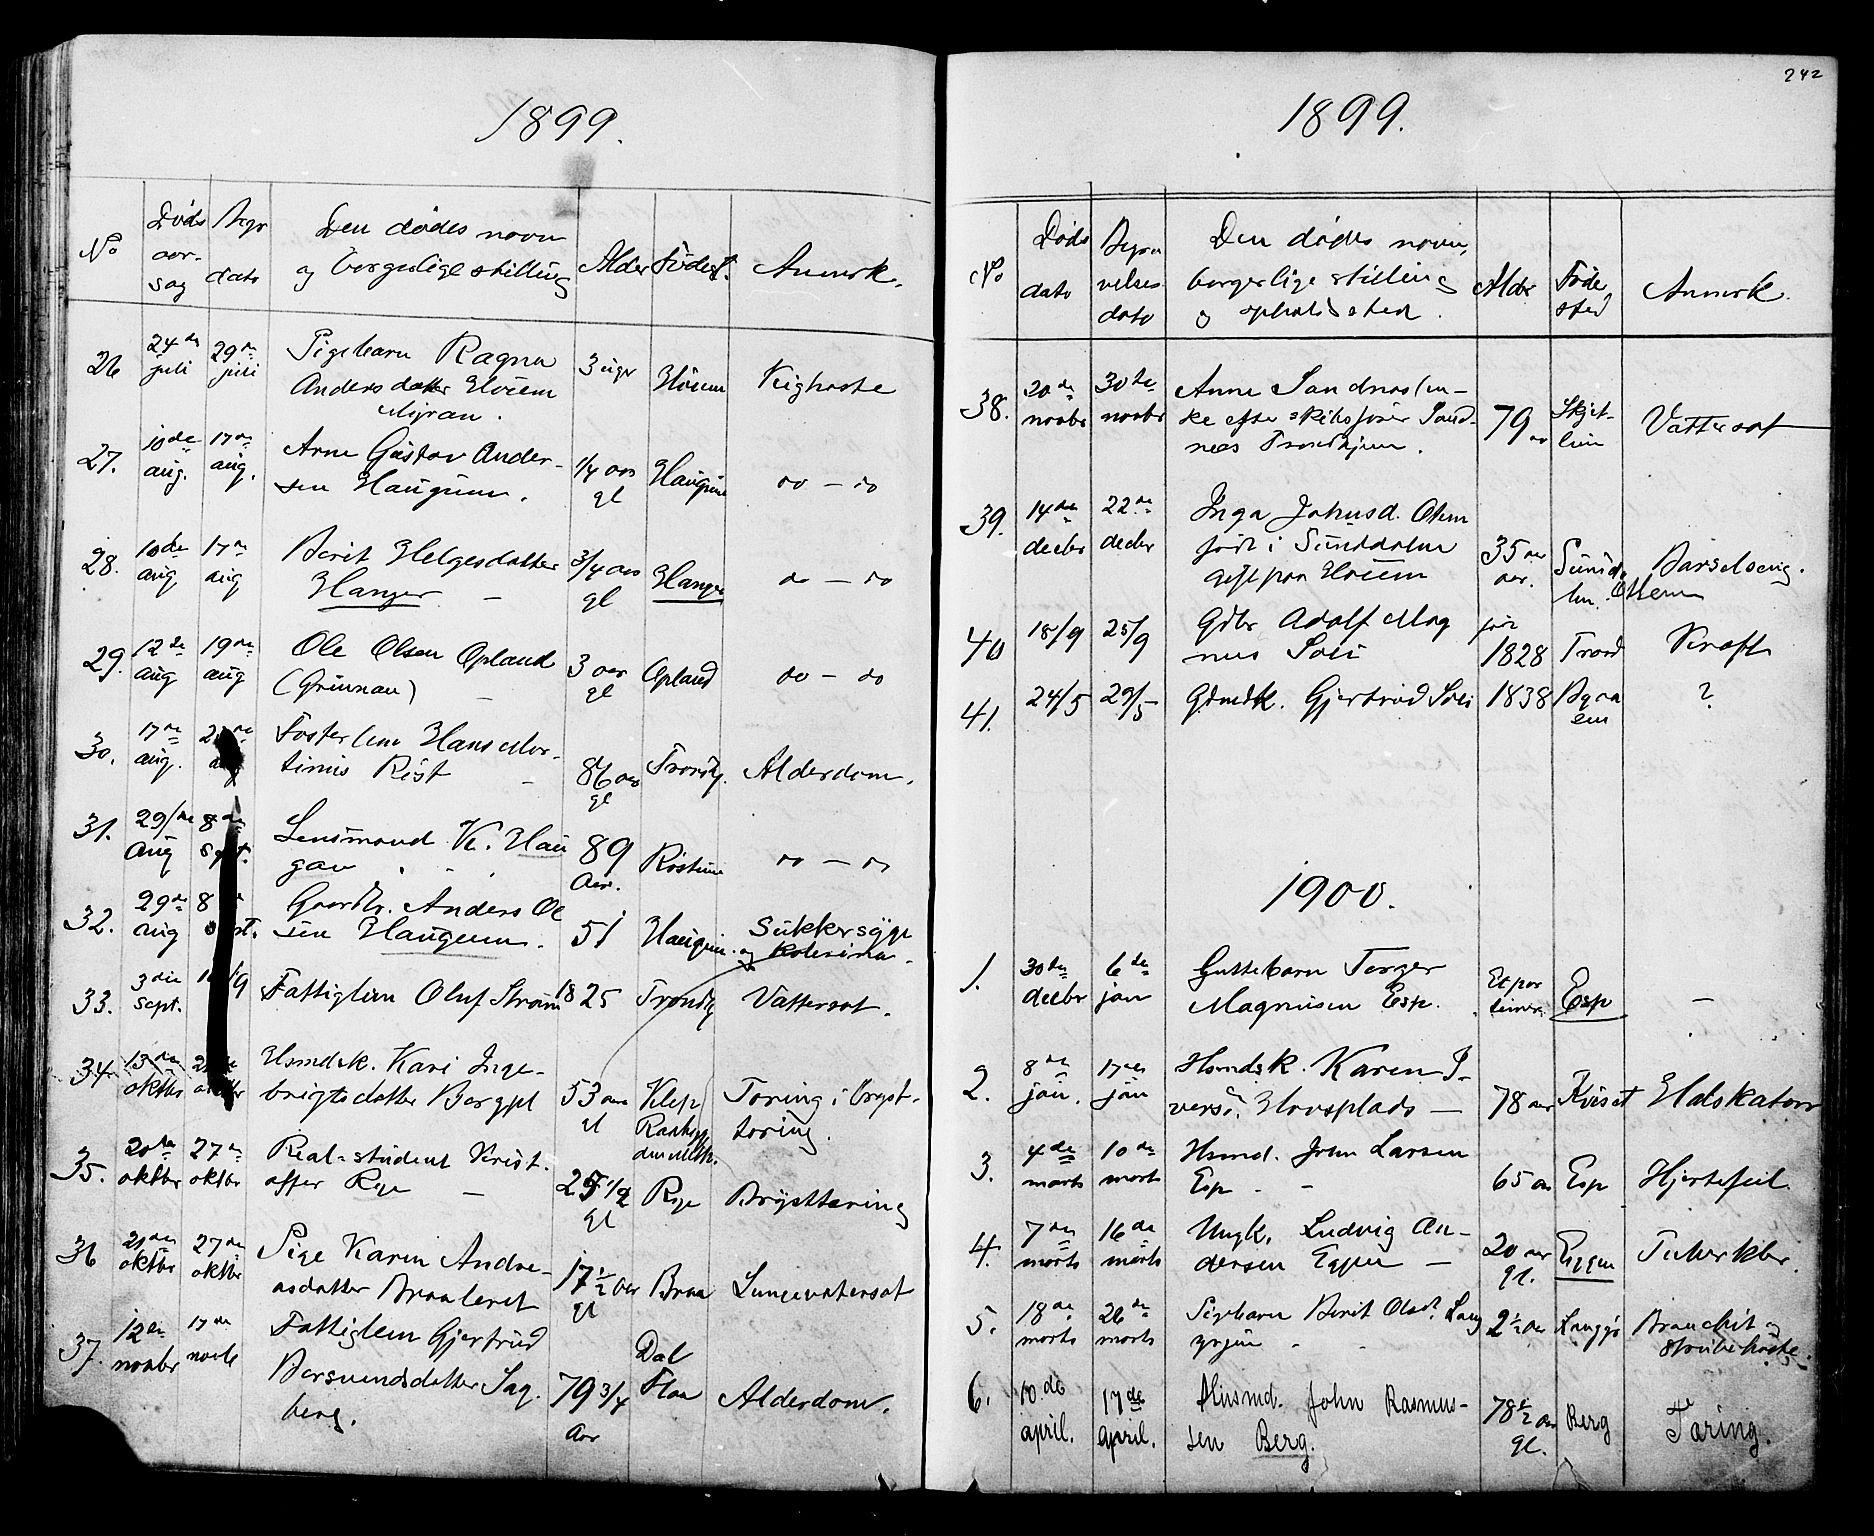 SAT, Ministerialprotokoller, klokkerbøker og fødselsregistre - Sør-Trøndelag, 612/L0387: Klokkerbok nr. 612C03, 1874-1908, s. 242